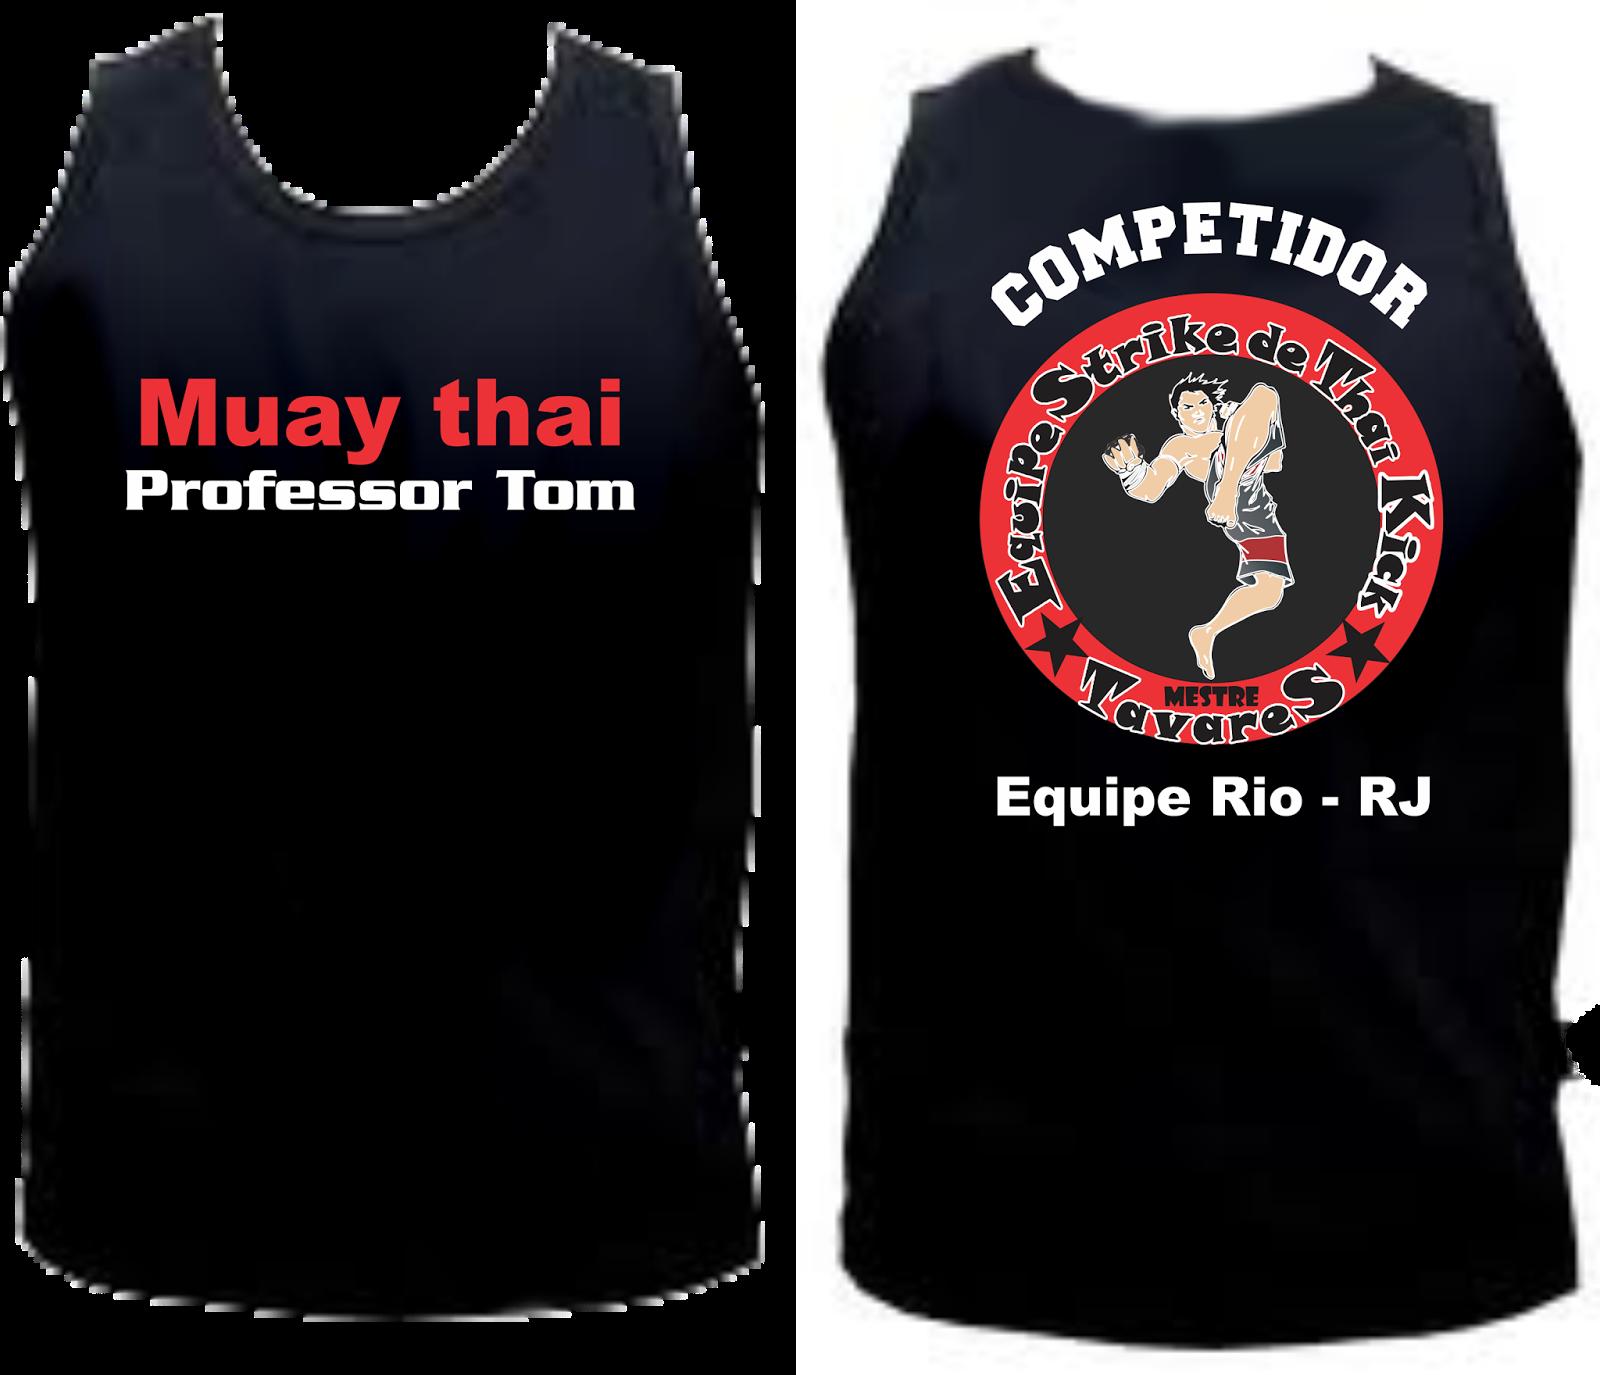 camiseta preta com estampa da logo de uma equipe de luta